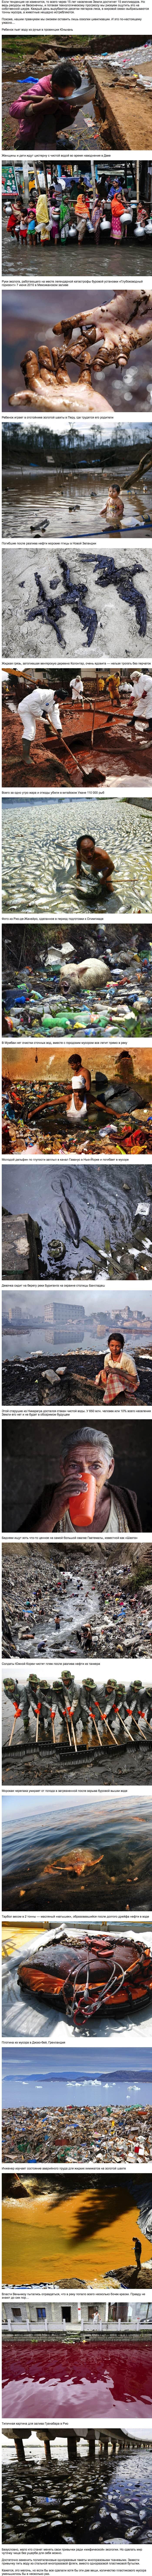 Эти снимки доказывают, что человек — самое опасное существо для планеты